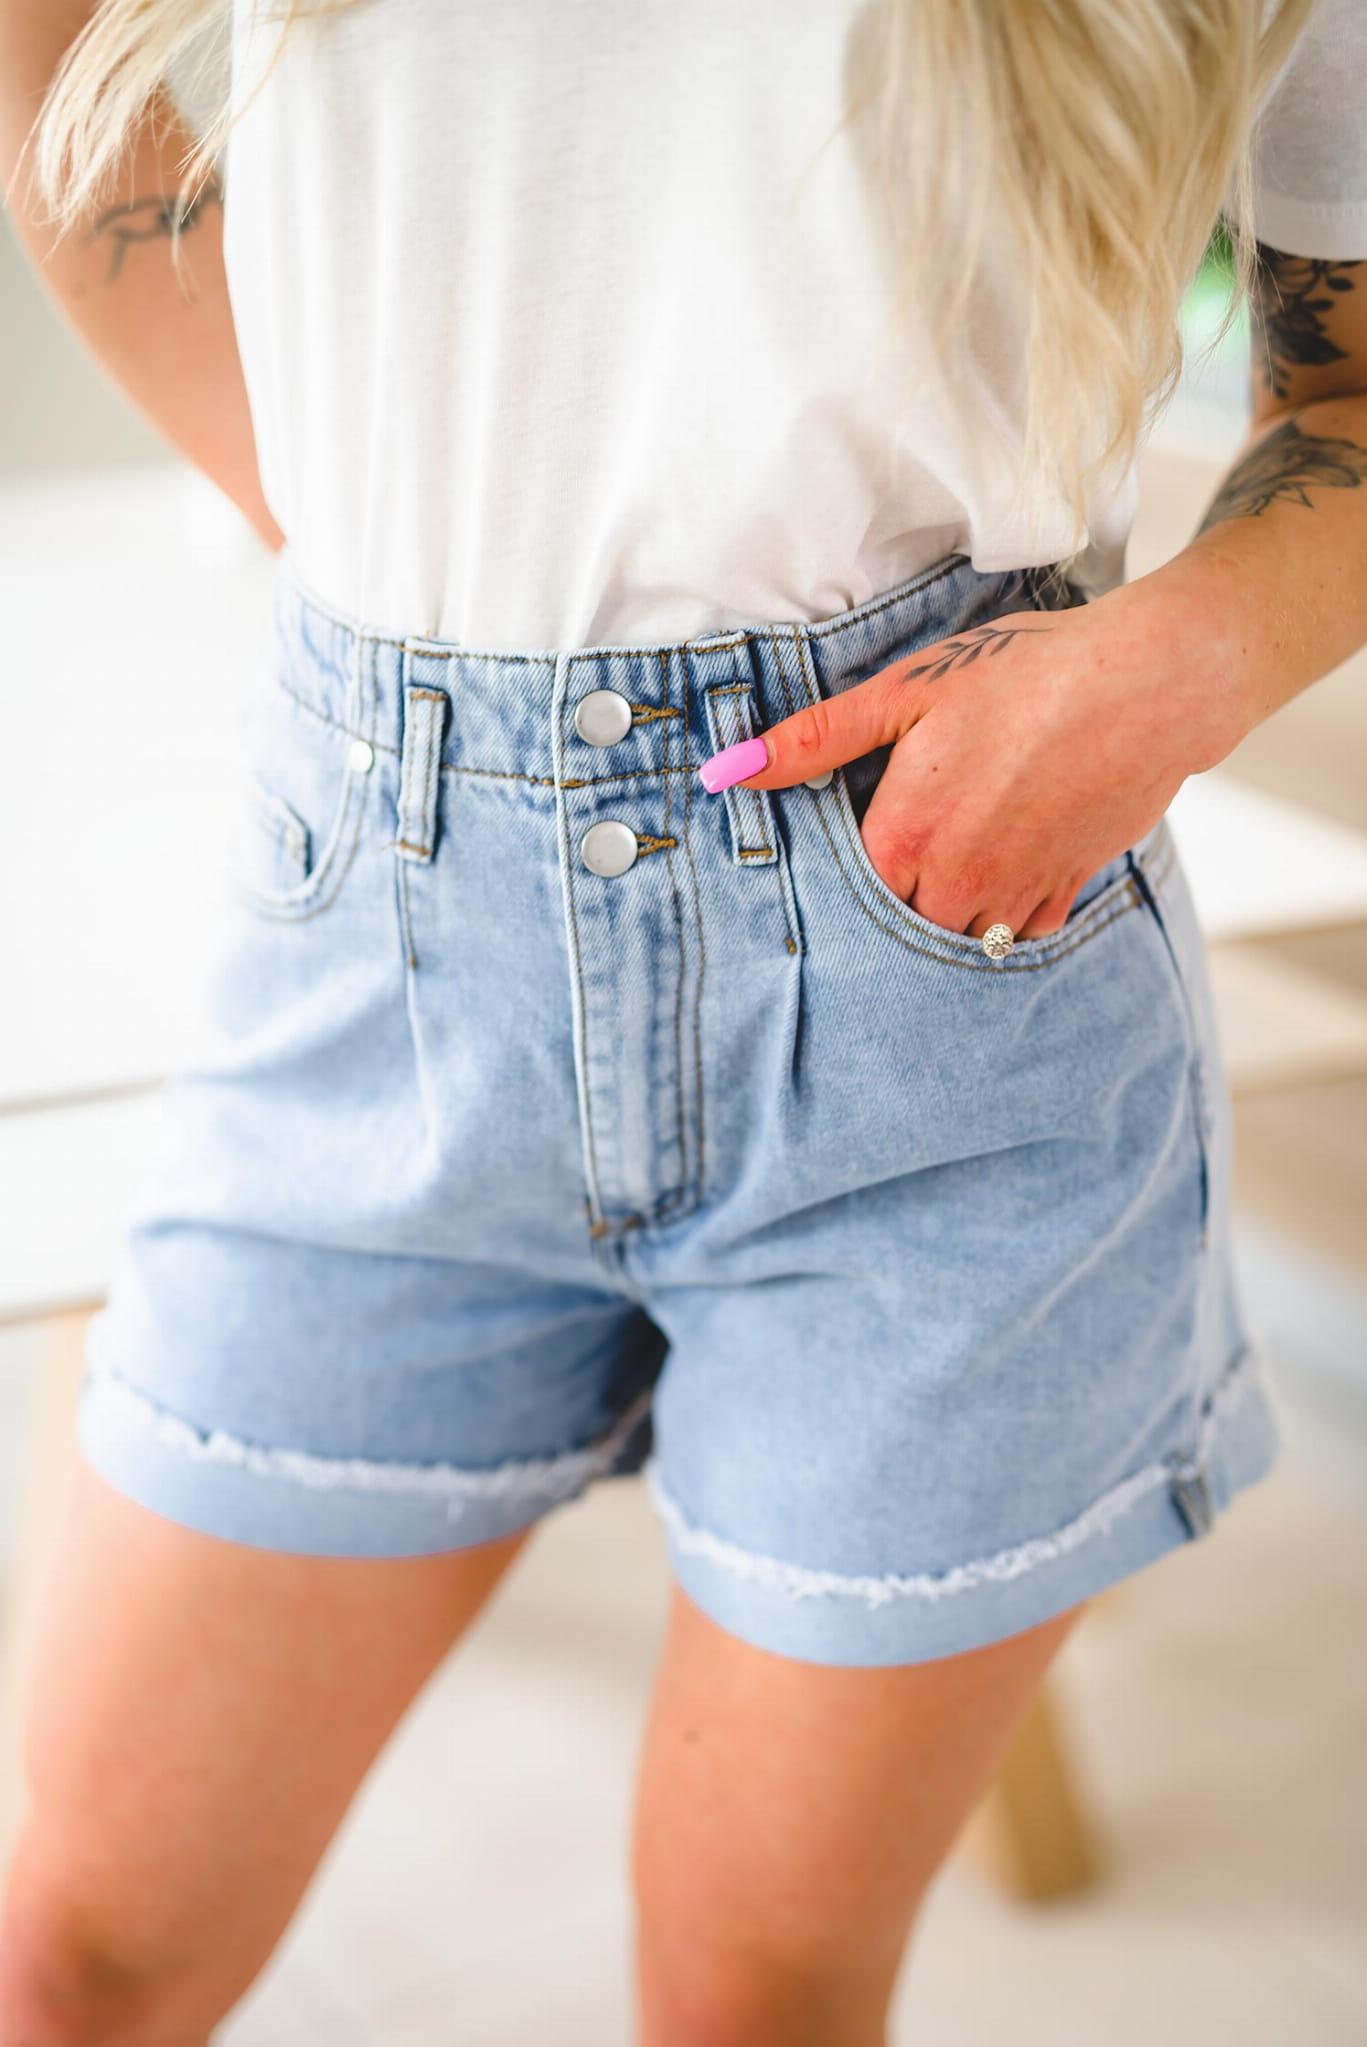 Z157 Luźne jeansowe spodenki damskie krótkie szorty z wysokim stanem xs s m l xl